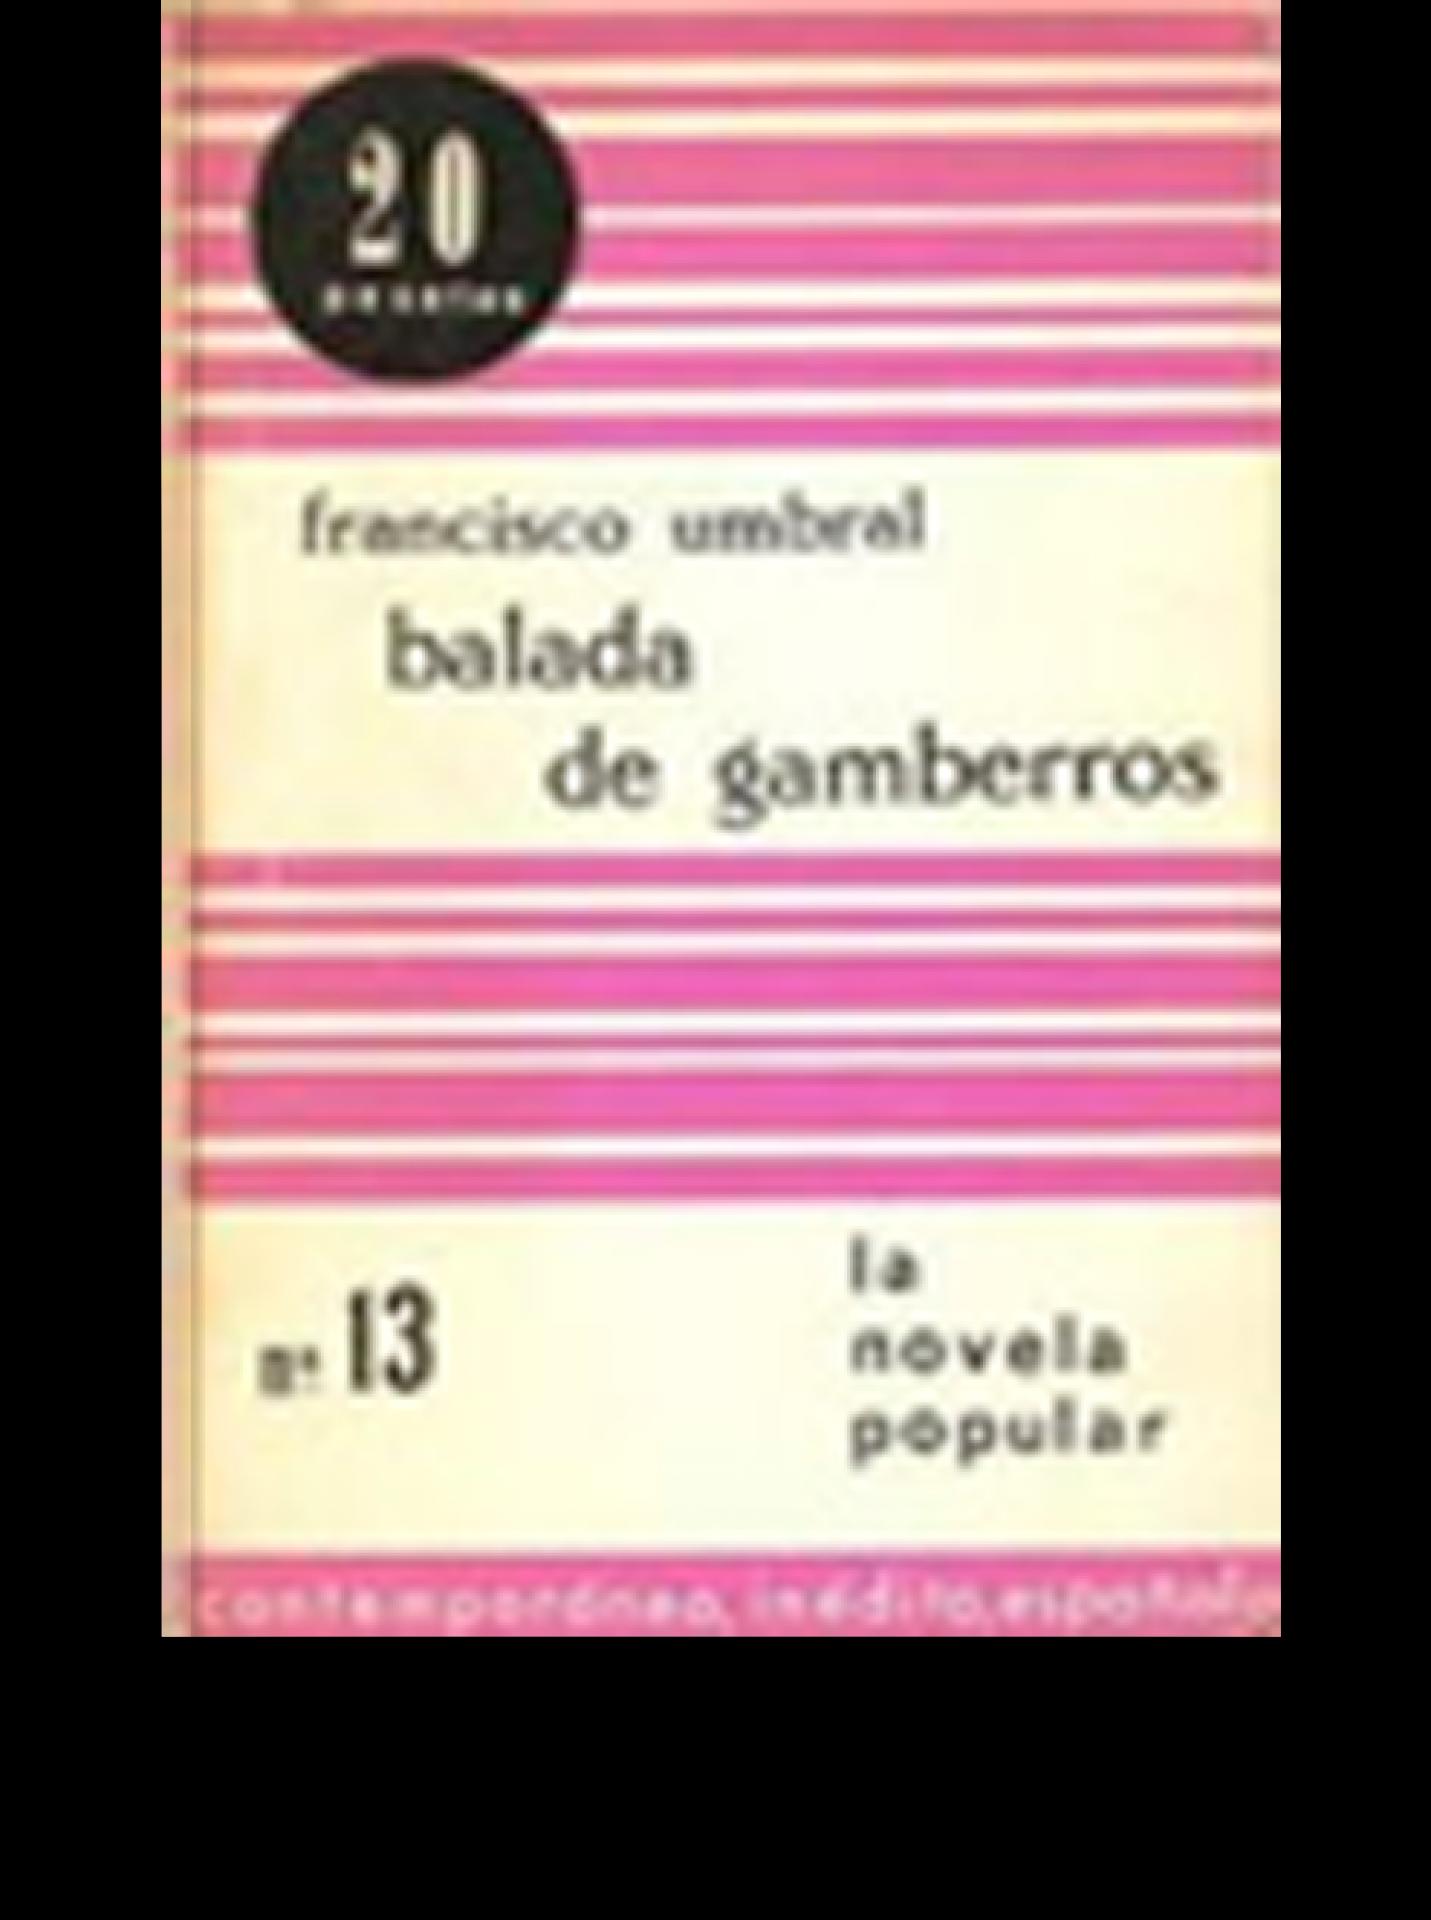 Balada de Gamberros